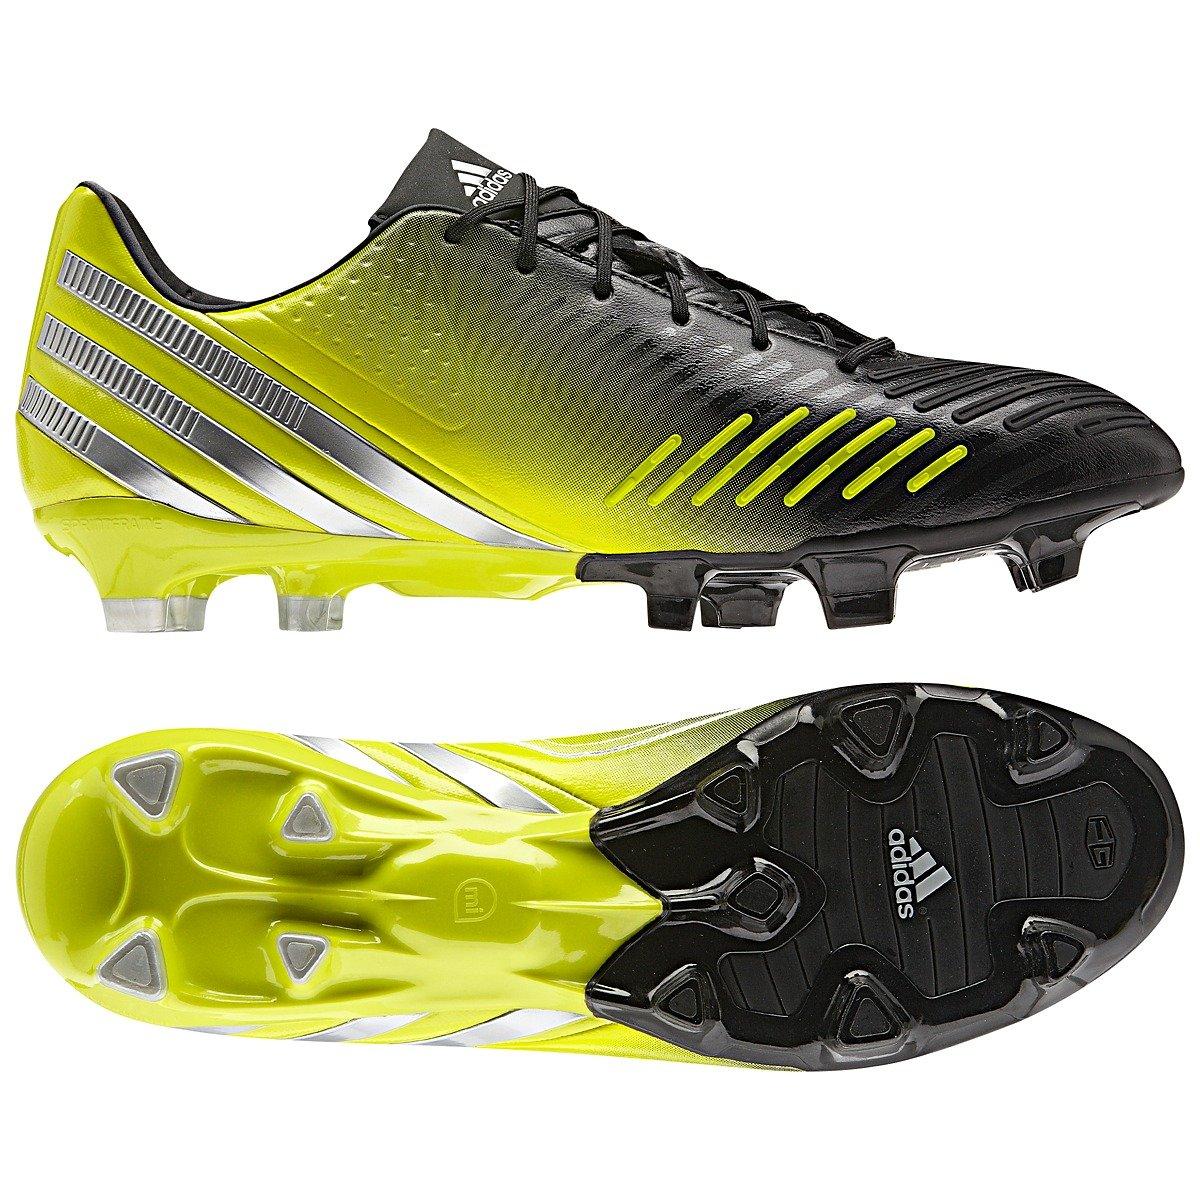 reputable site 76124 421ea adidas Predator LZ TRX FG Soccer Cleats (Black Metsil LabLim Noir Argm CiVela,  7.5A)  Amazon.co.uk  Shoes   Bags